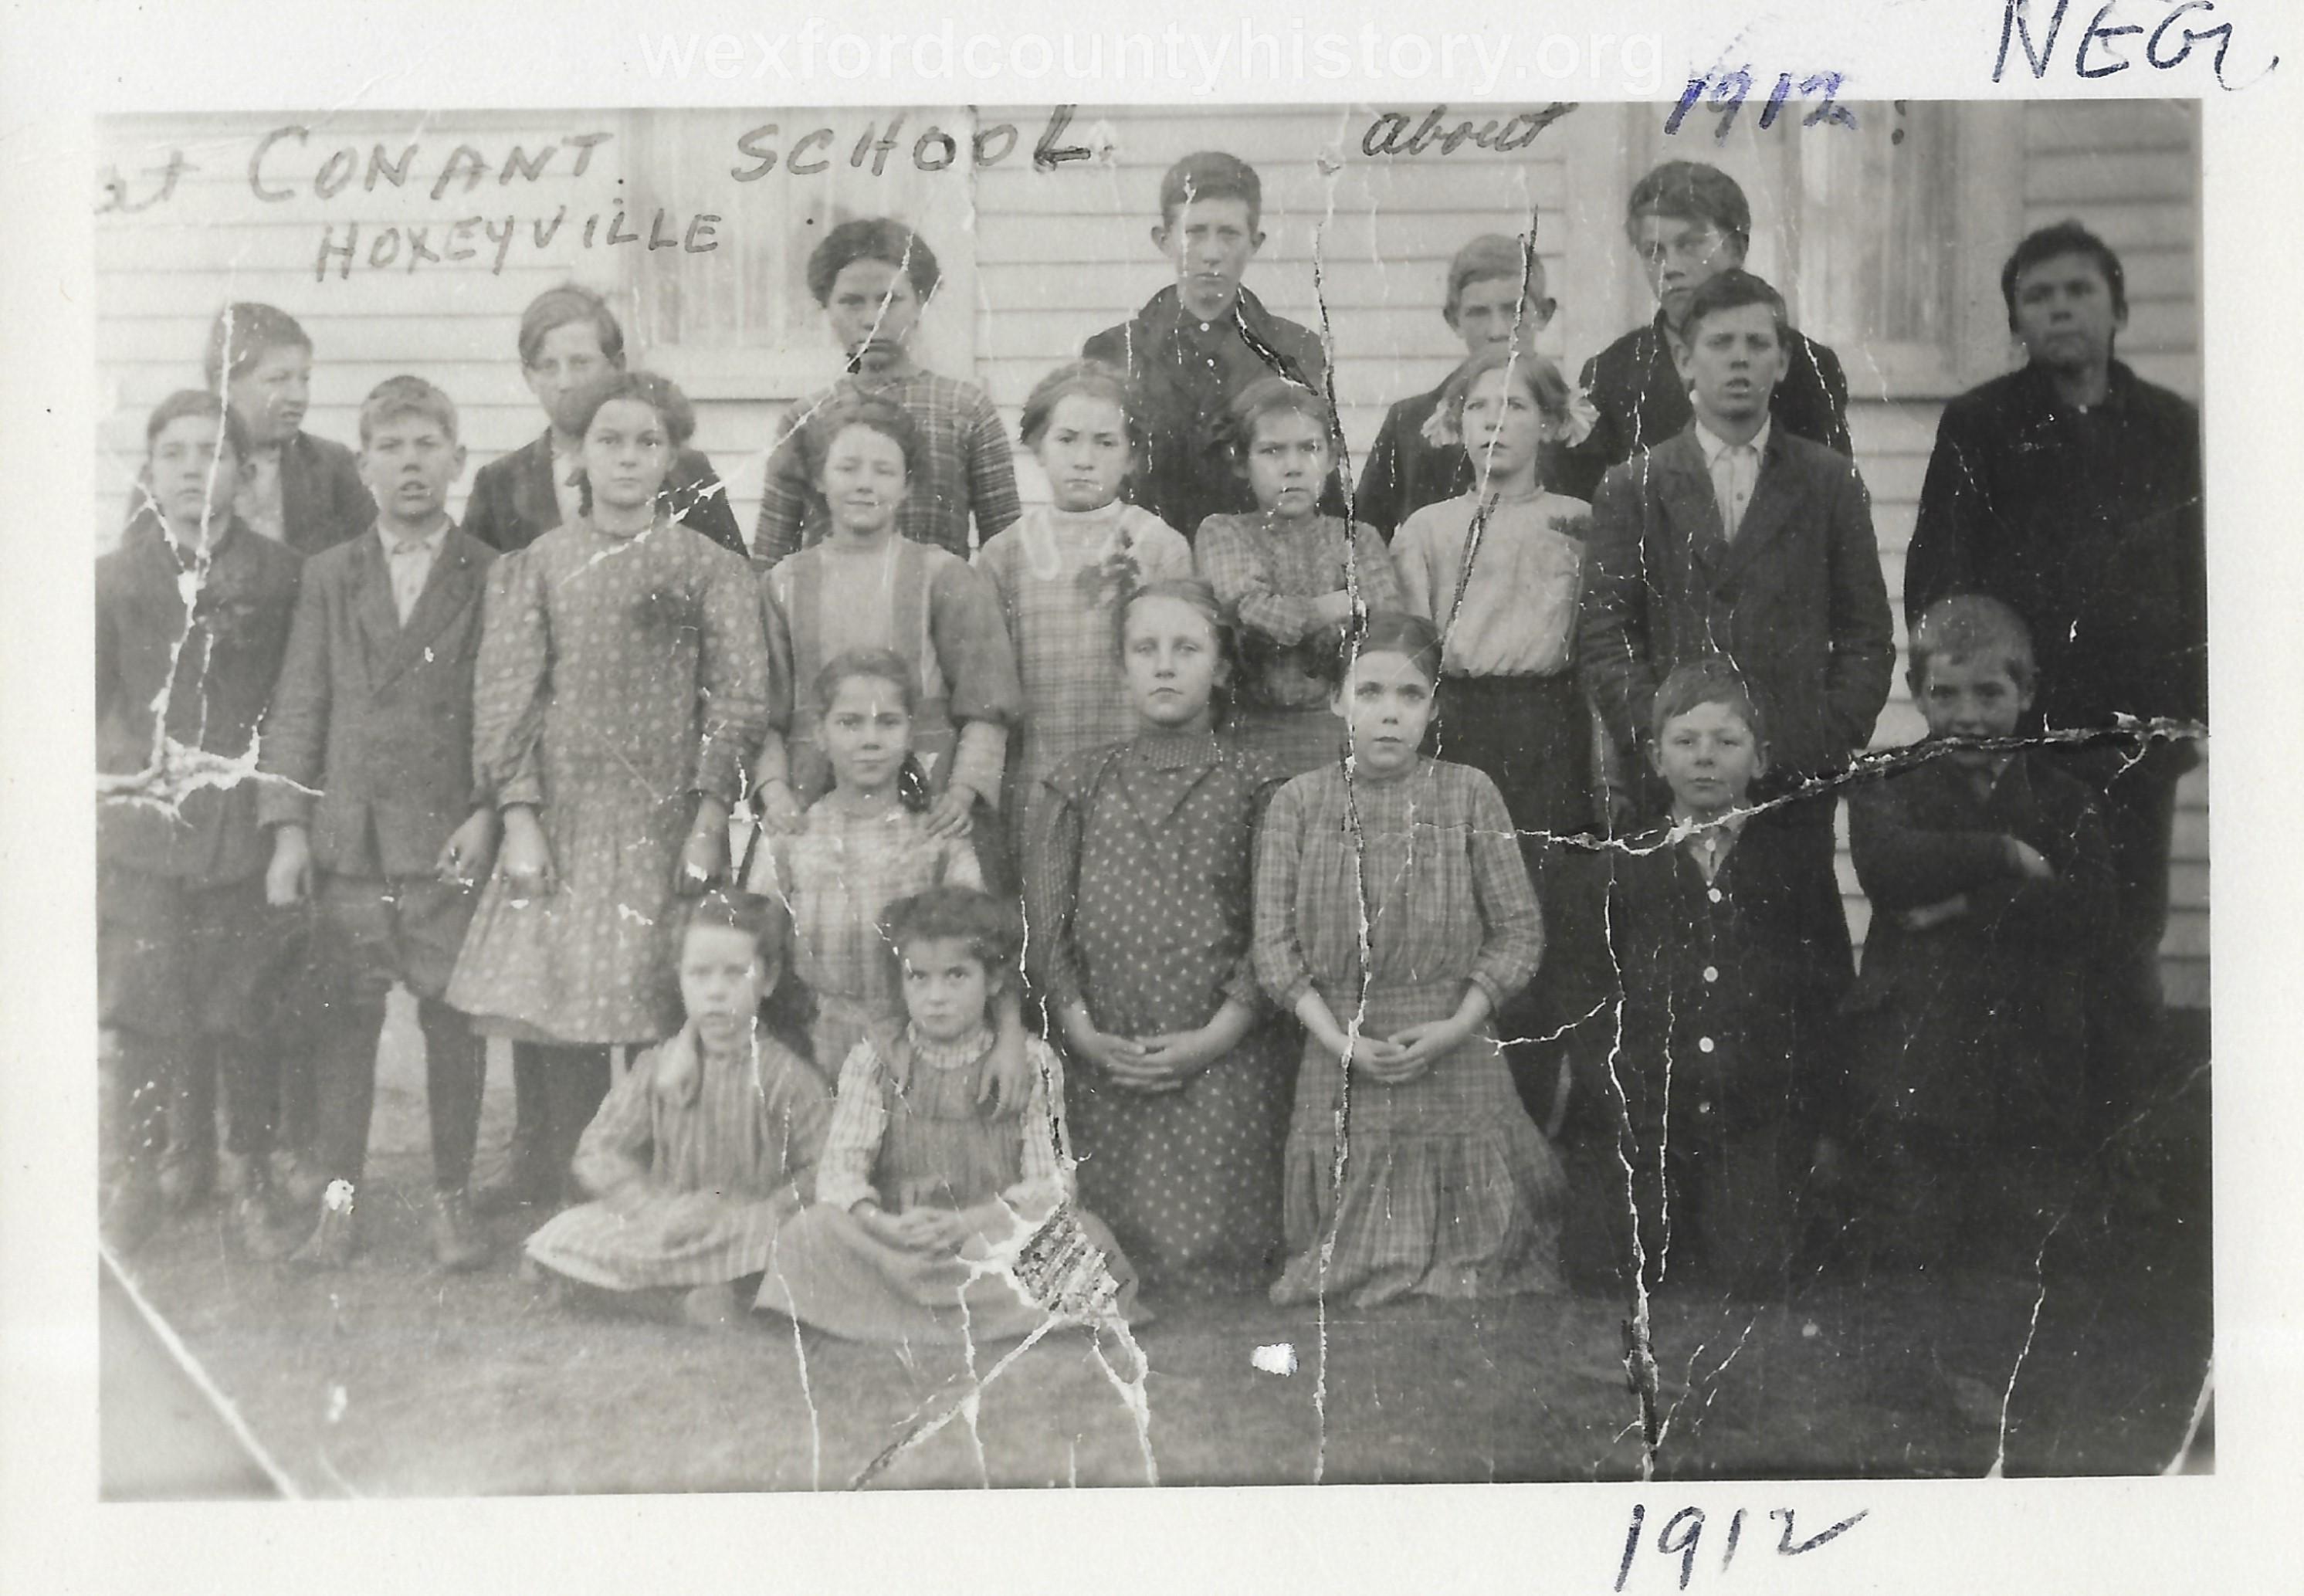 Conant School